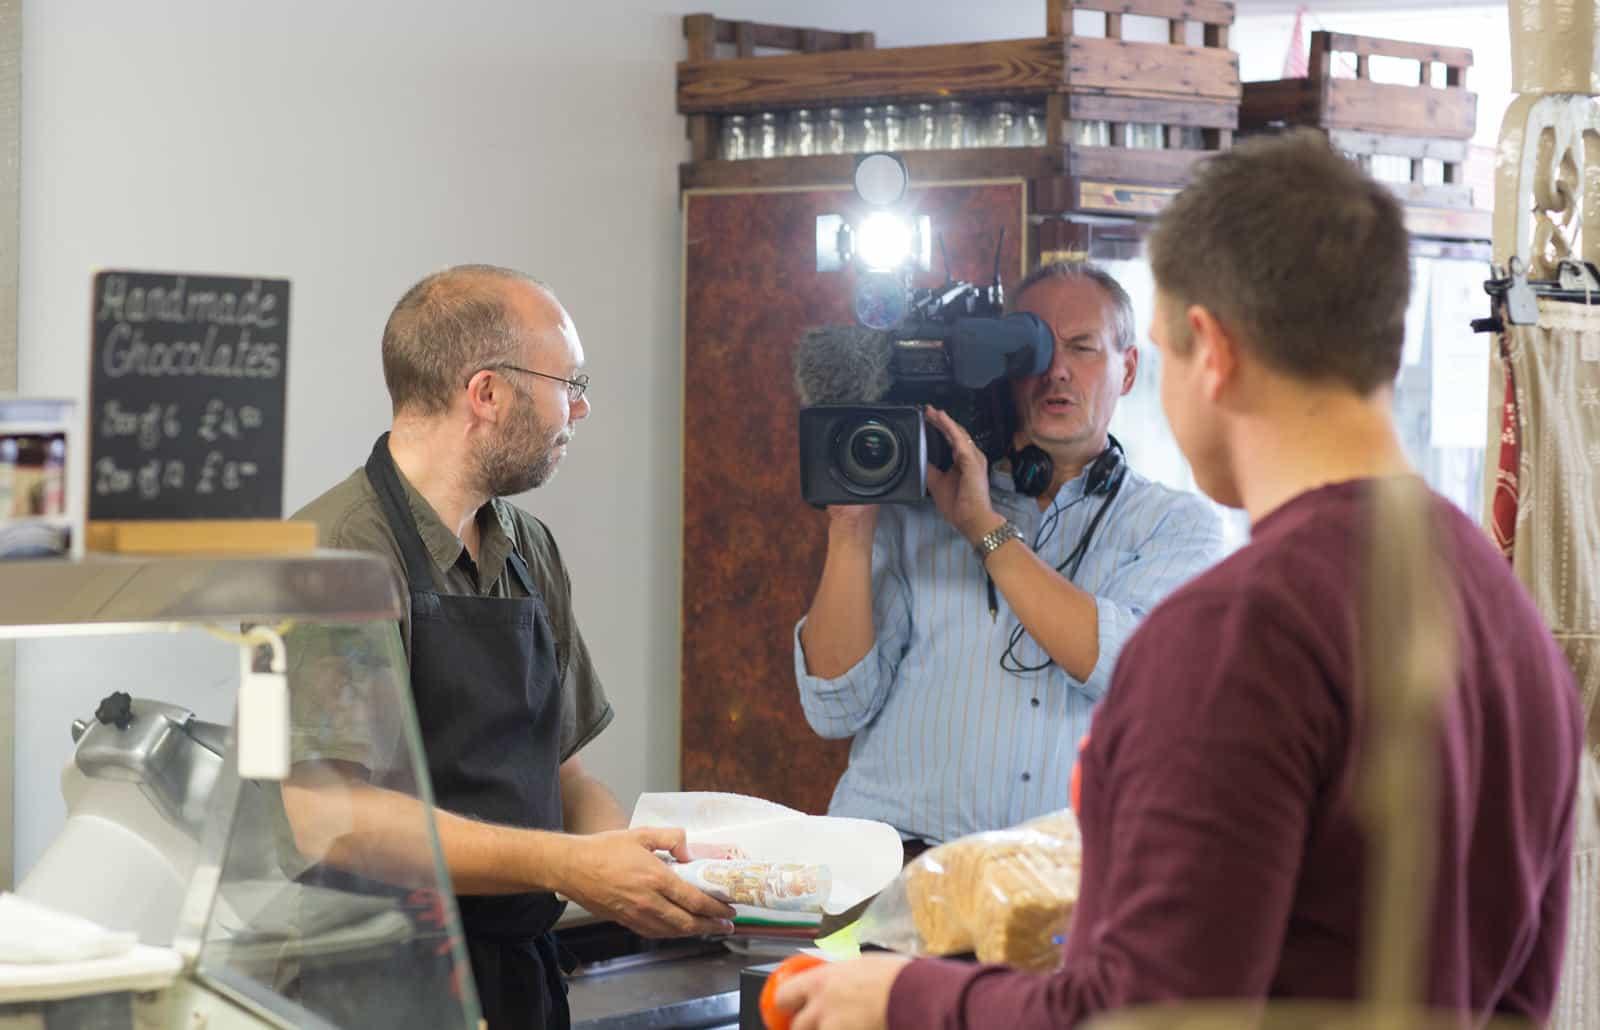 Darrell being filmed